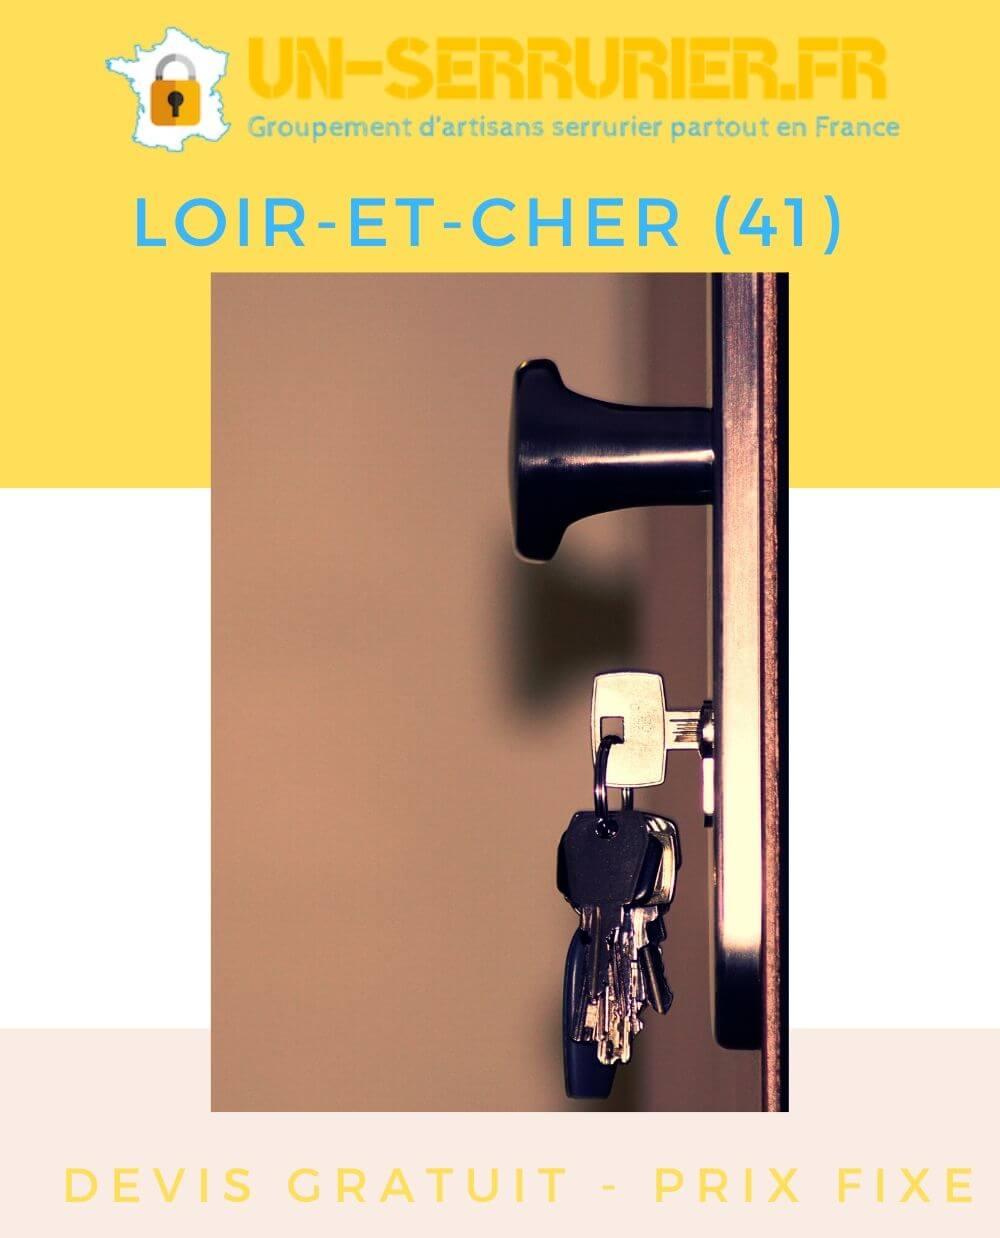 serruriers Loir-et-Cher (41)